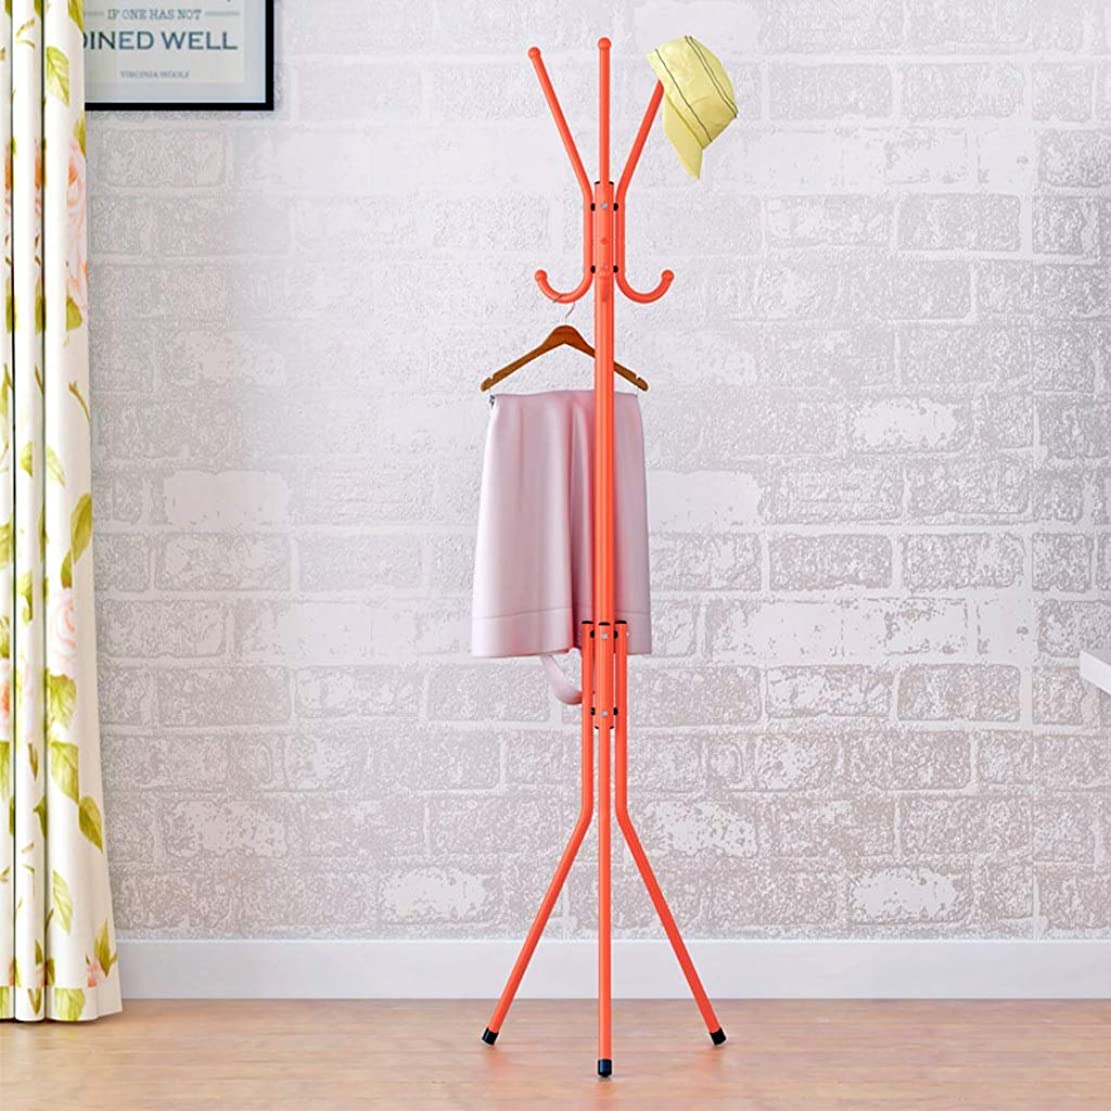 島制約回転するGLJJQMY 現代のミニマリストの床コートラックホームリビングルームの寝室クリエイティブファッションピンクオレンジフックハンガー139×40センチ ウォールマウントシェルフ